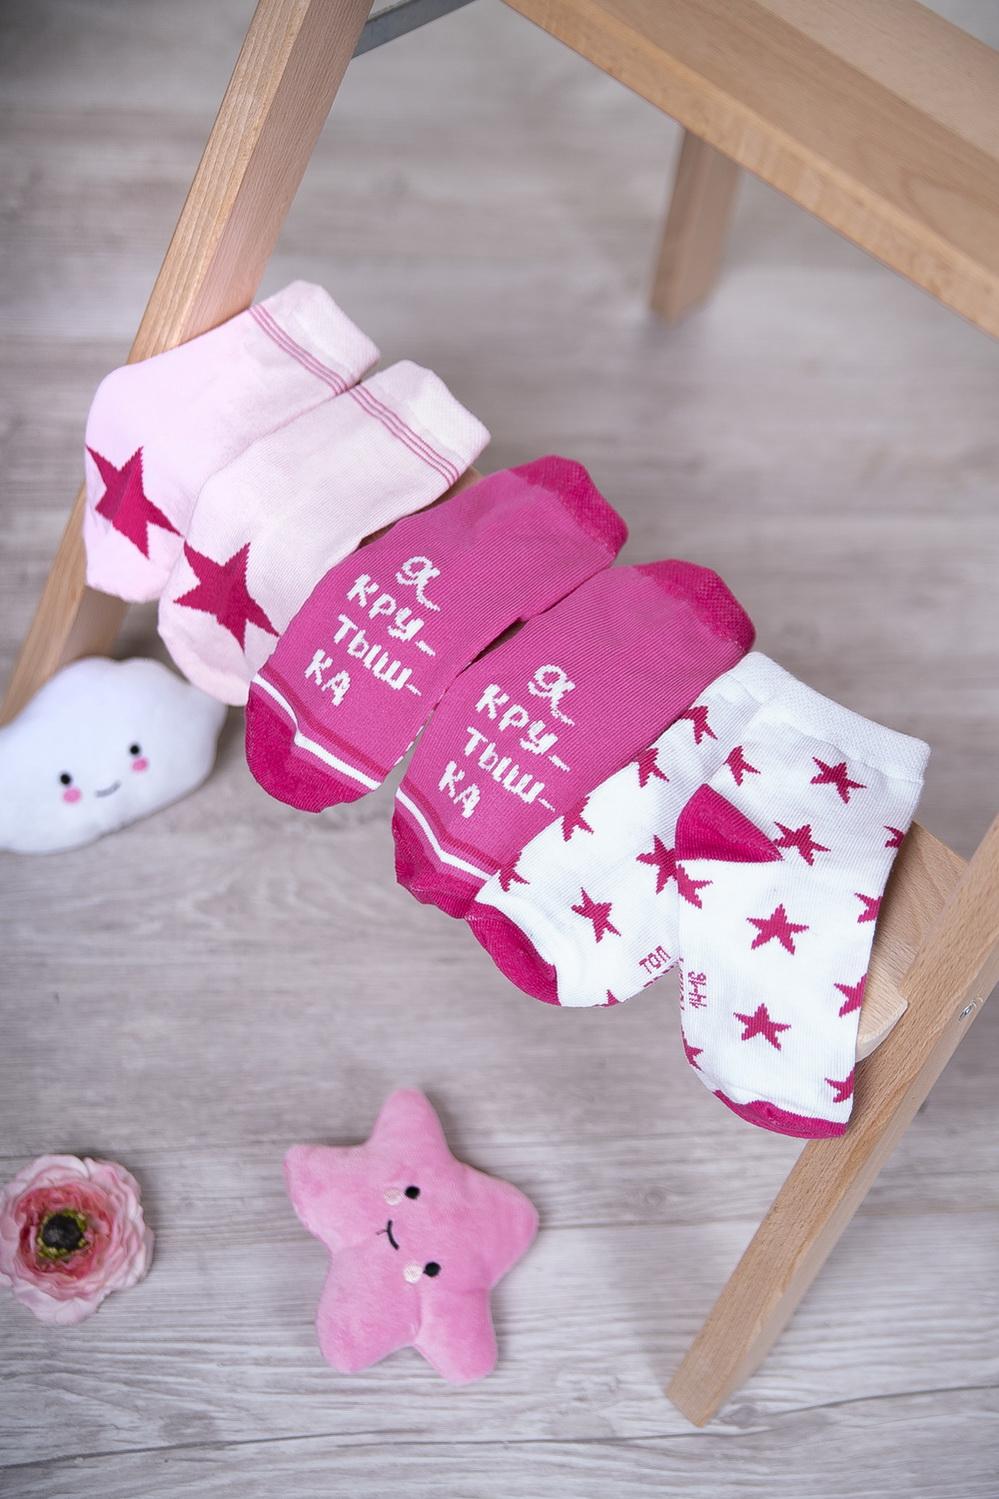 белье acoola носки детские 3 пары цвет ассорти размер 12 14 32224420038 Носки детские iv59863 (упаковка 3 пары)